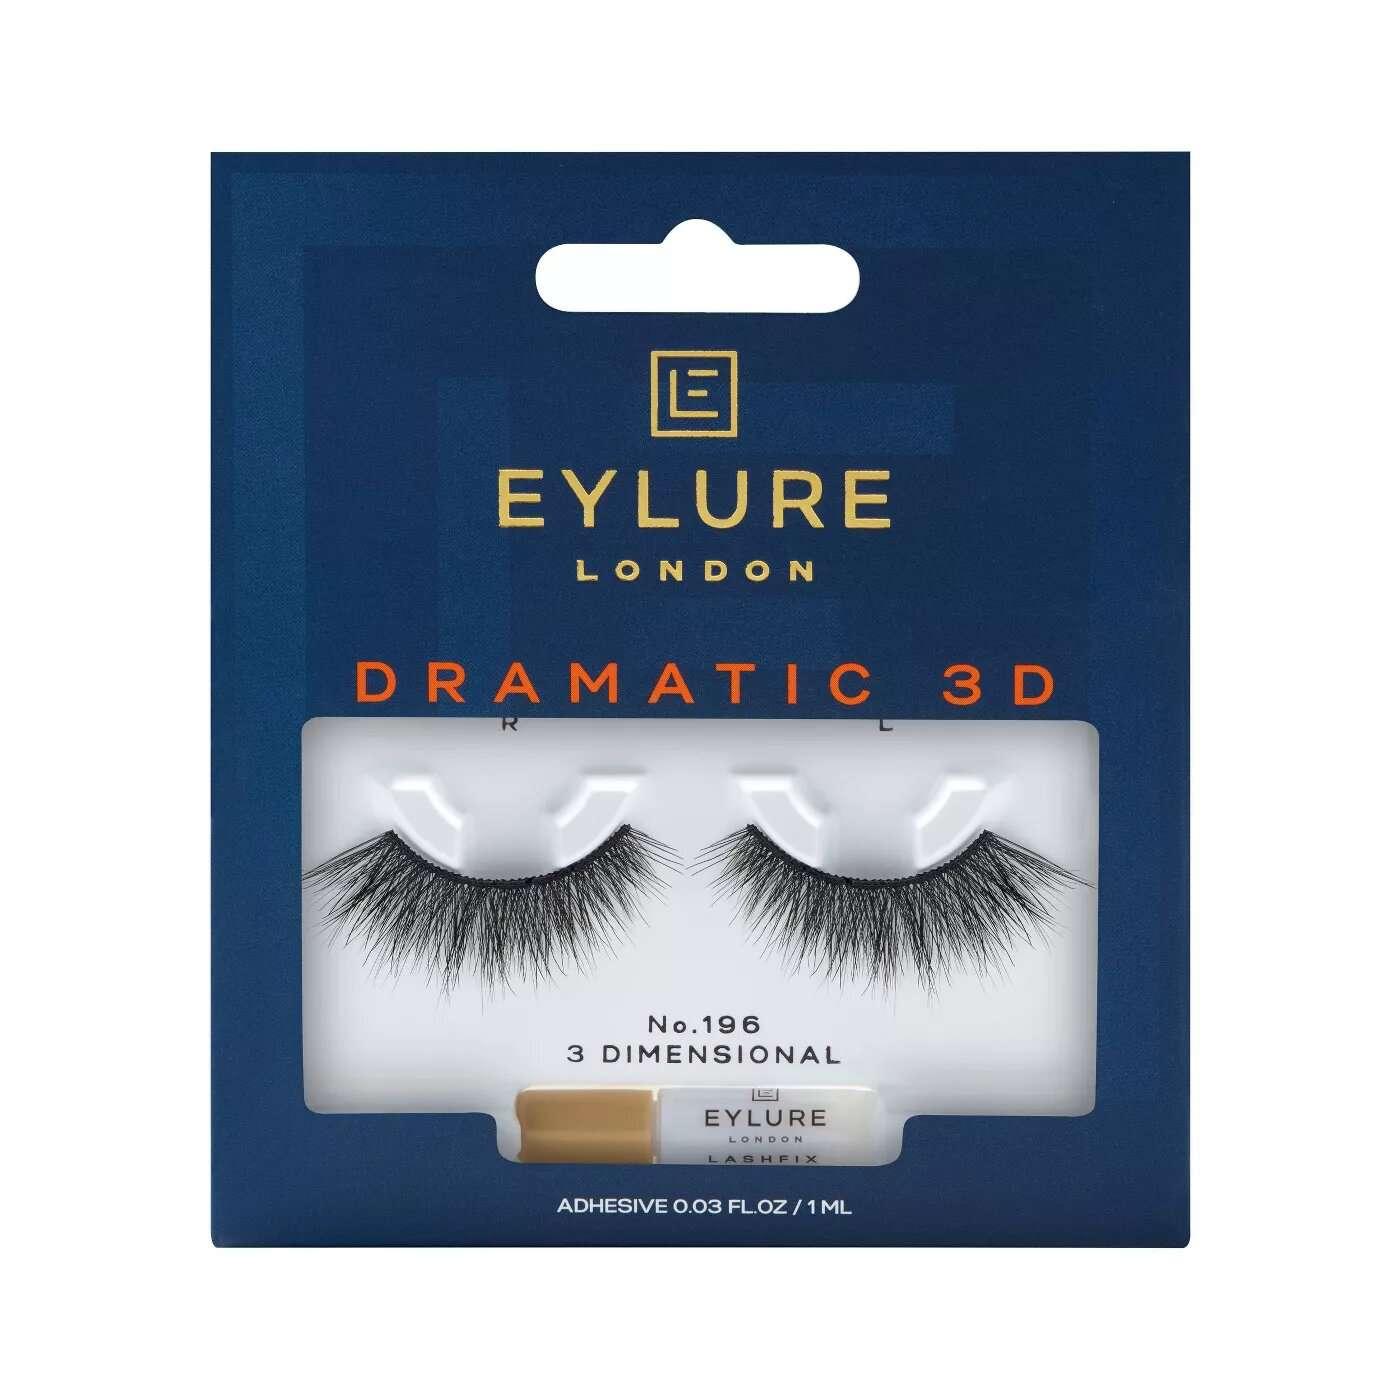 Eylure False Eyelashes Dramatic 3D No. 196